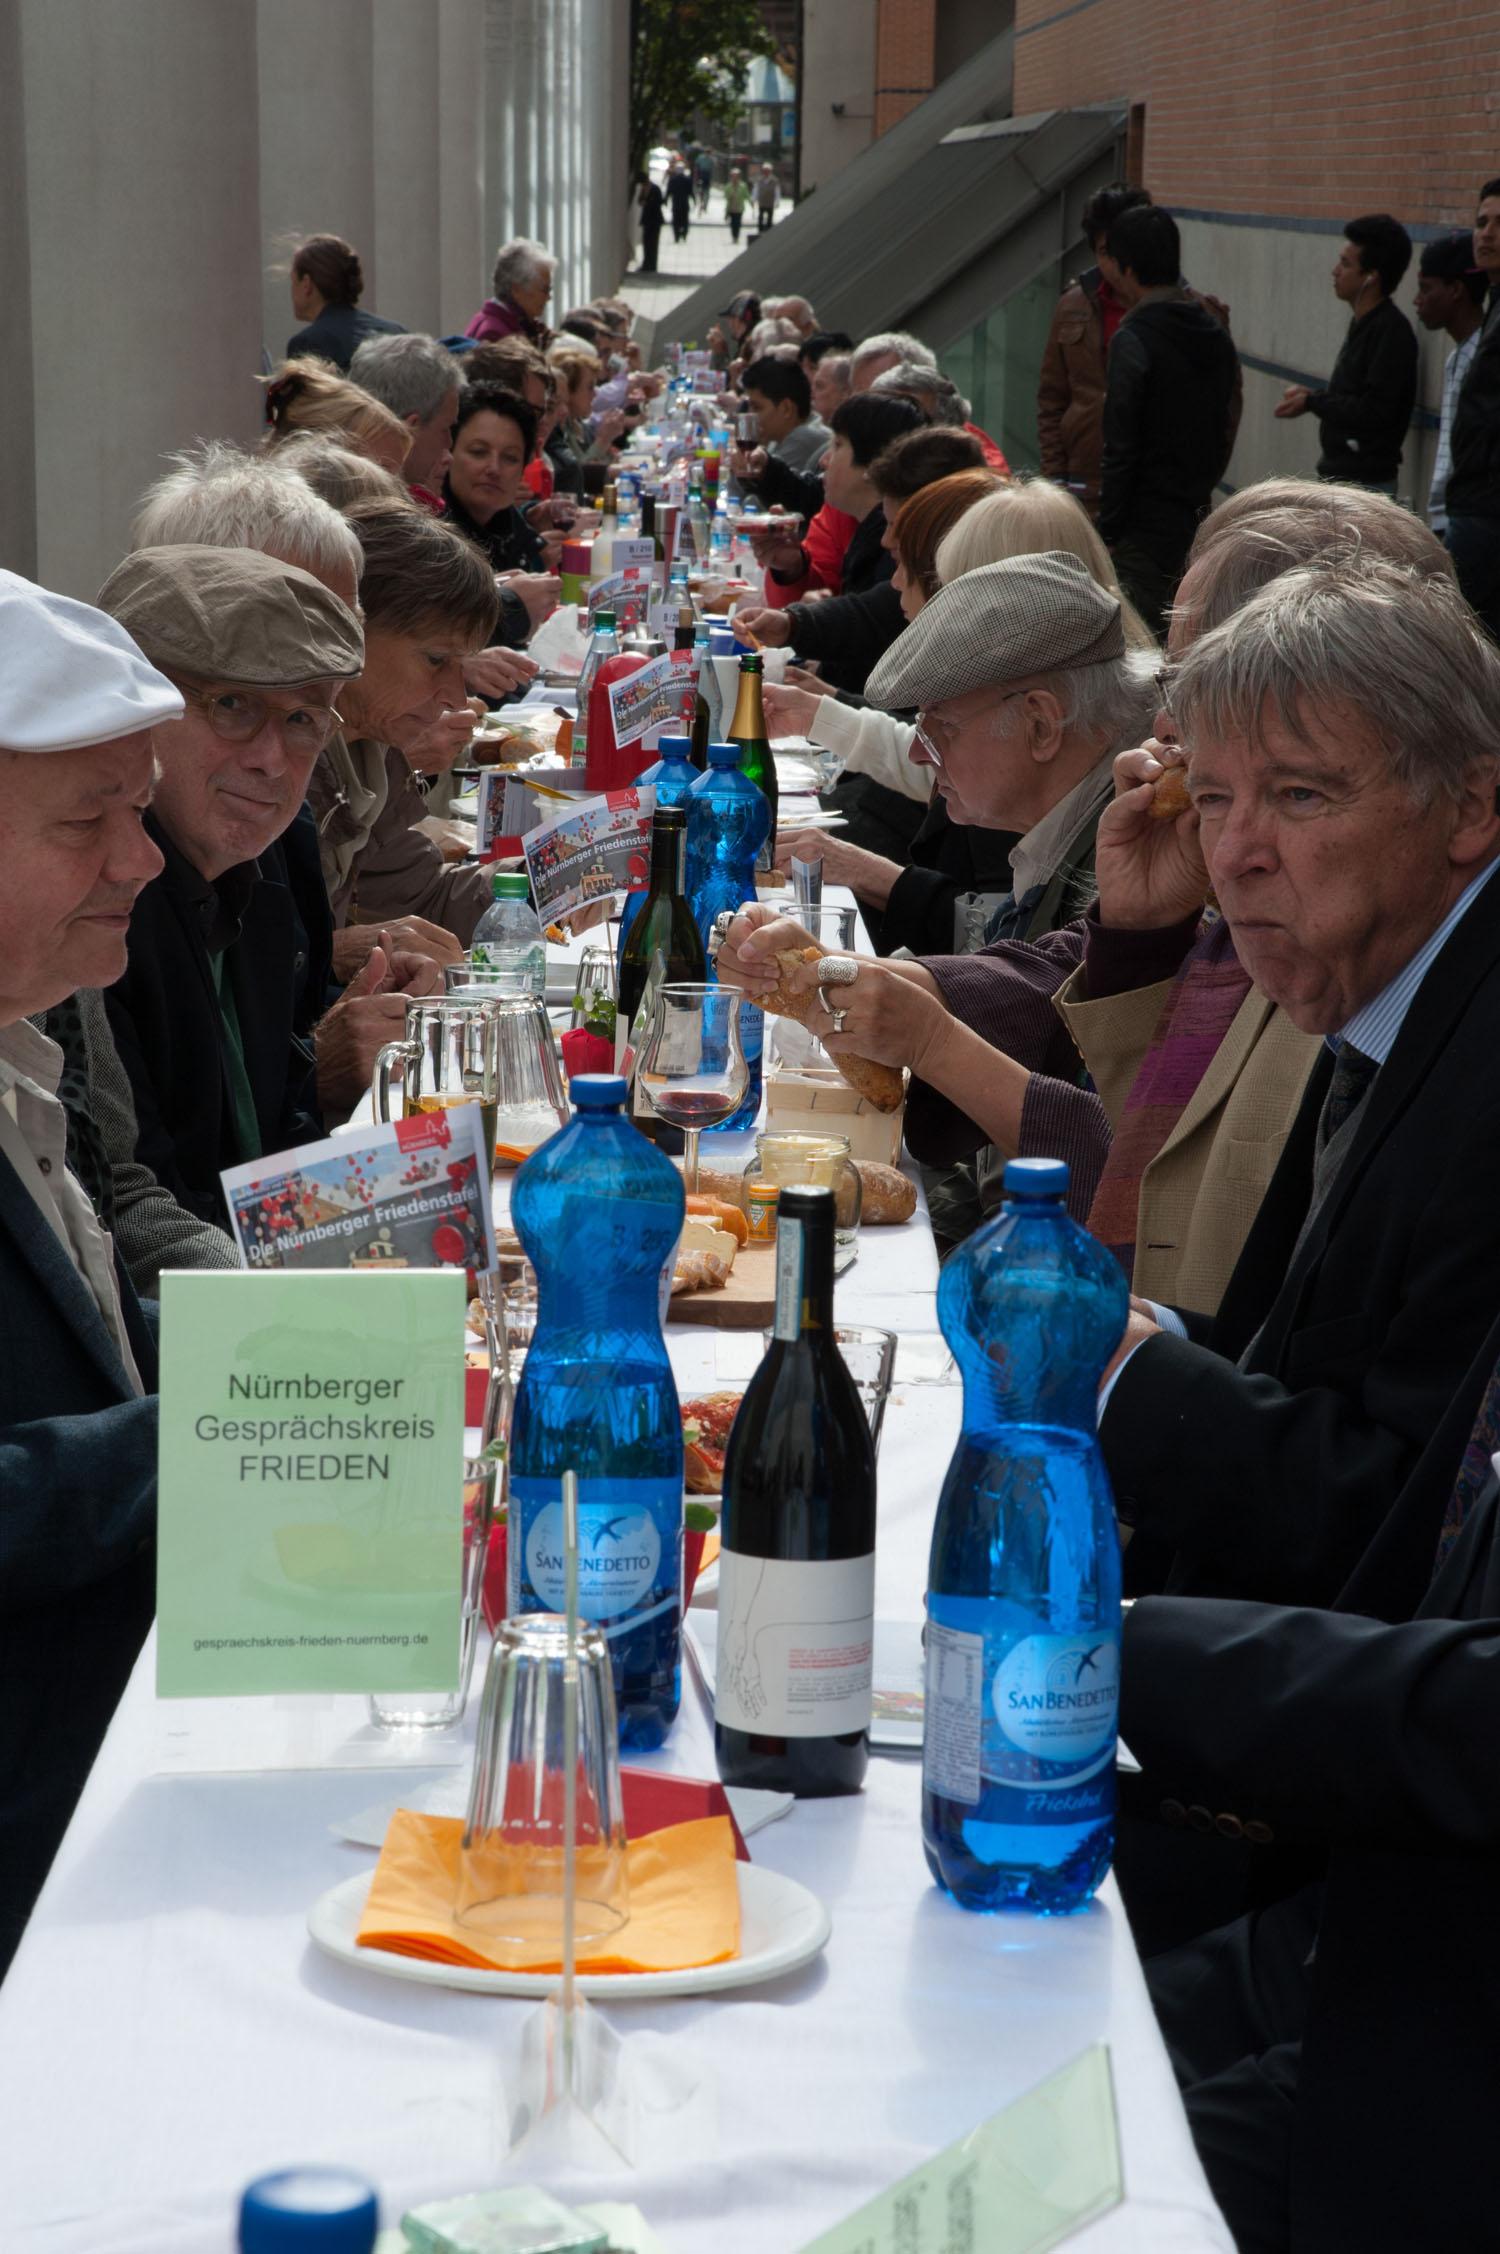 Friedenstafel Nürnberg